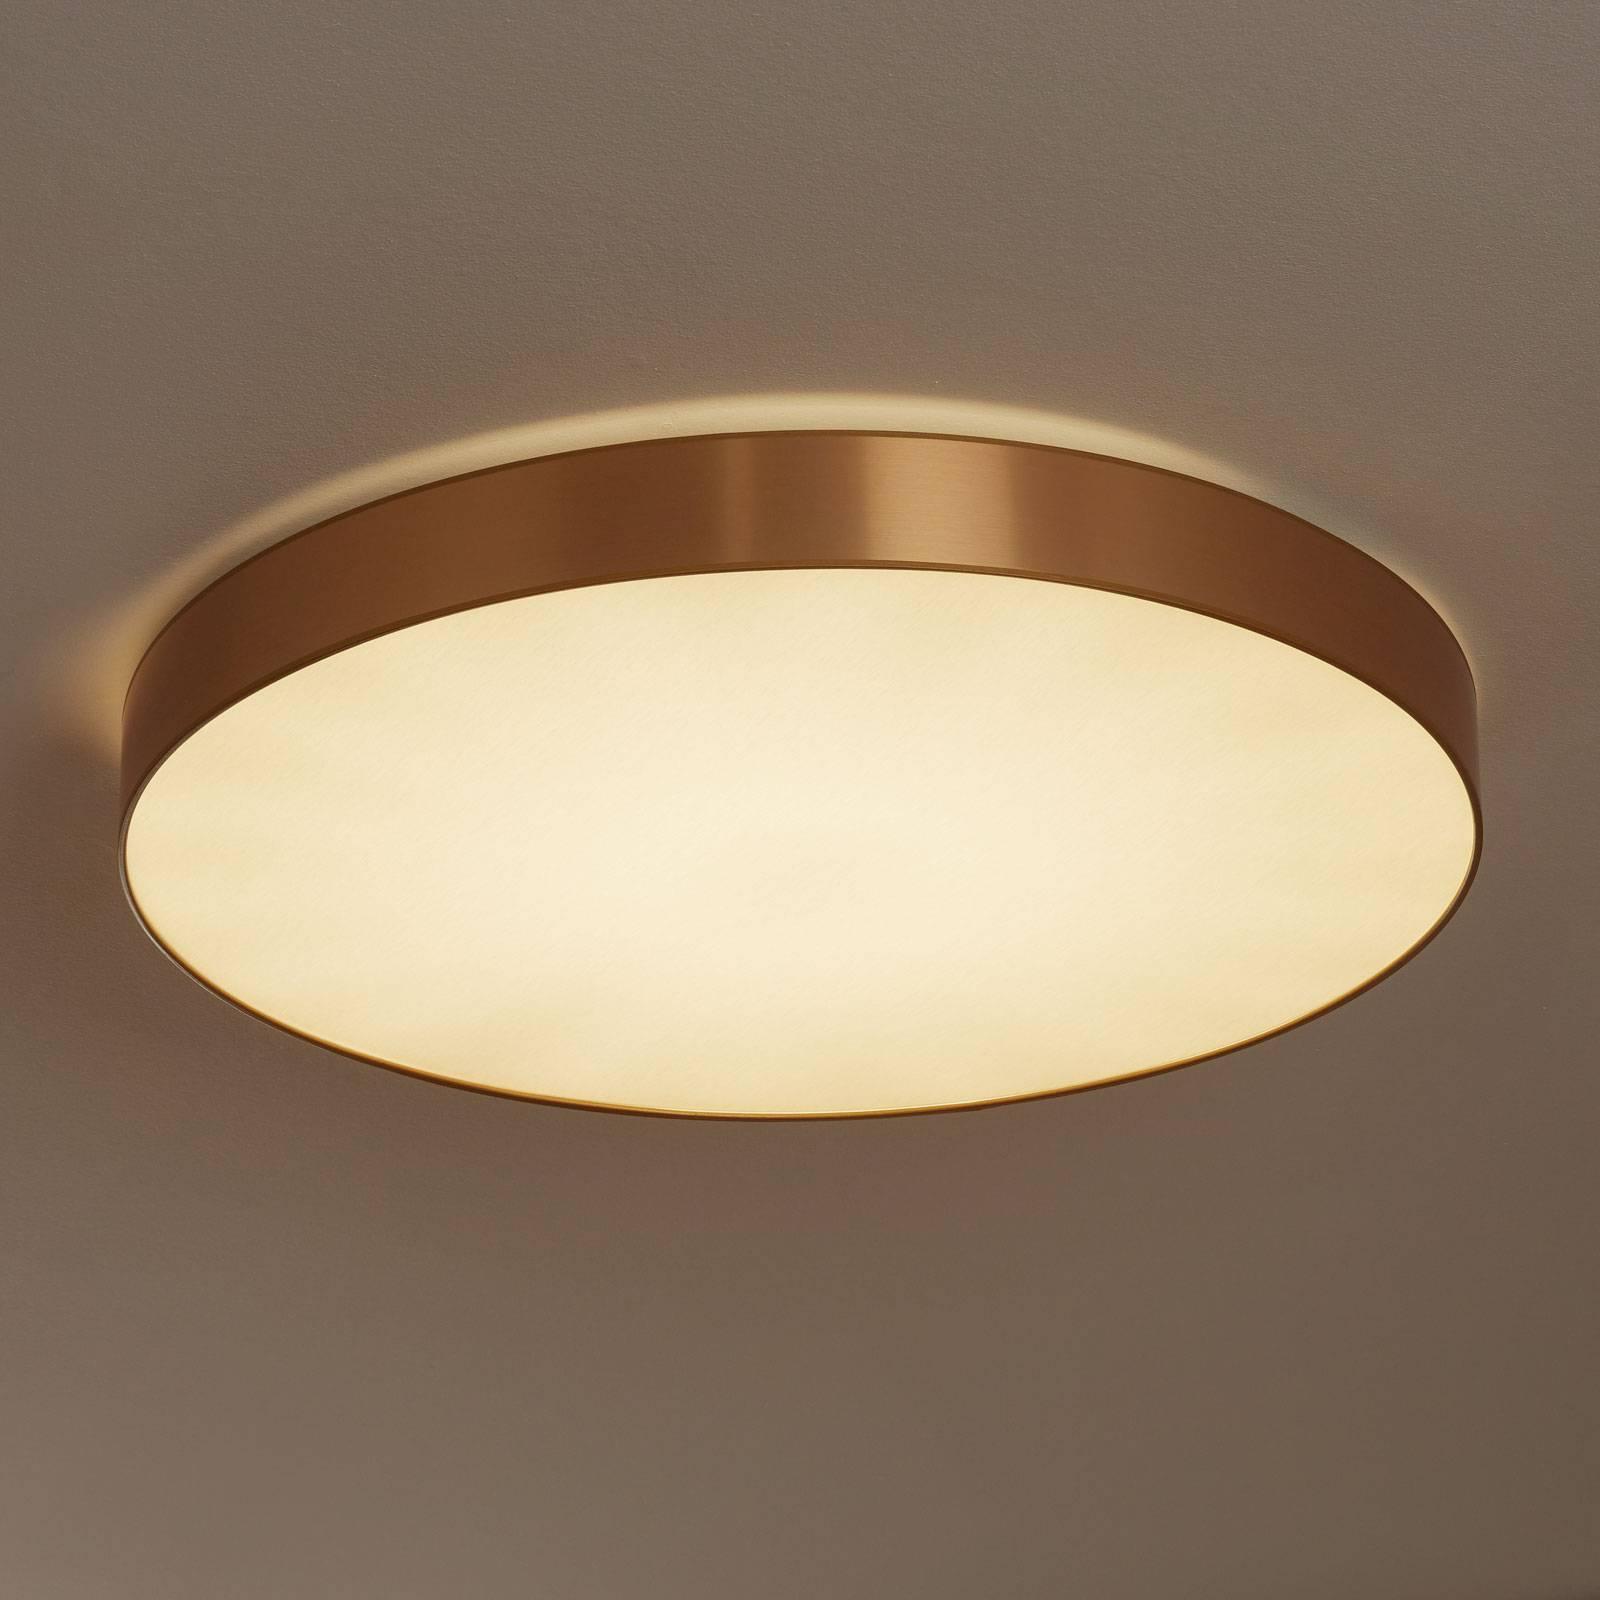 Lampa sufitowa Aurelia ściemniana złoto 78 cm